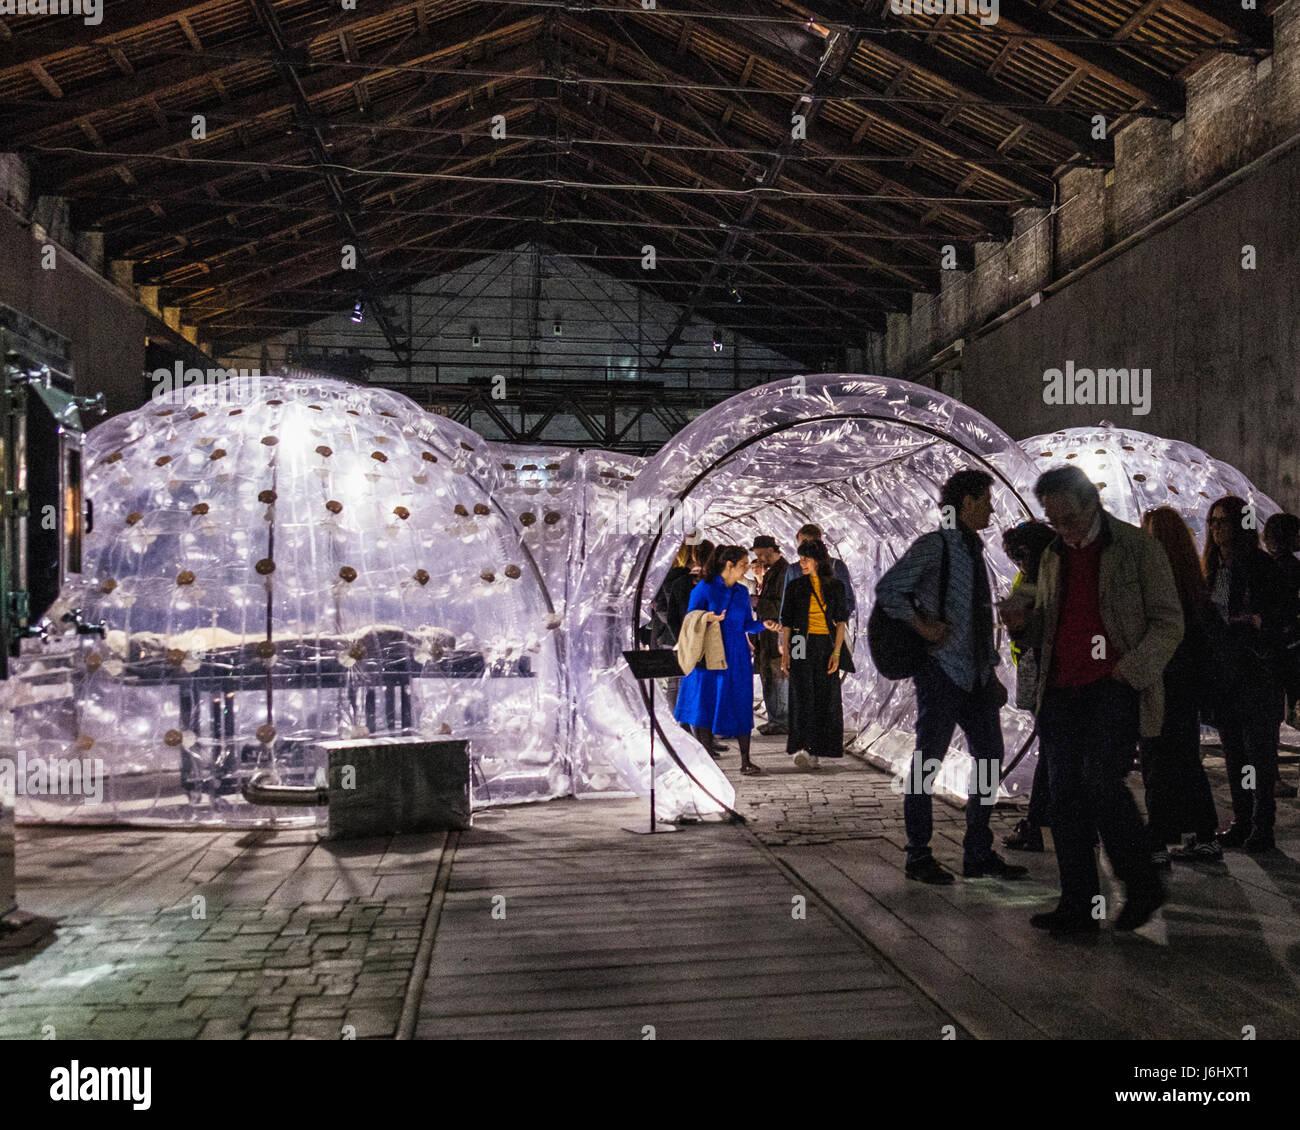 """Venice,Castello,Arsenale. 57th Venice Biennale 2017,La Biennale di Venezia.Italy Pavilion. artwork """"Imitation of - Stock Image"""